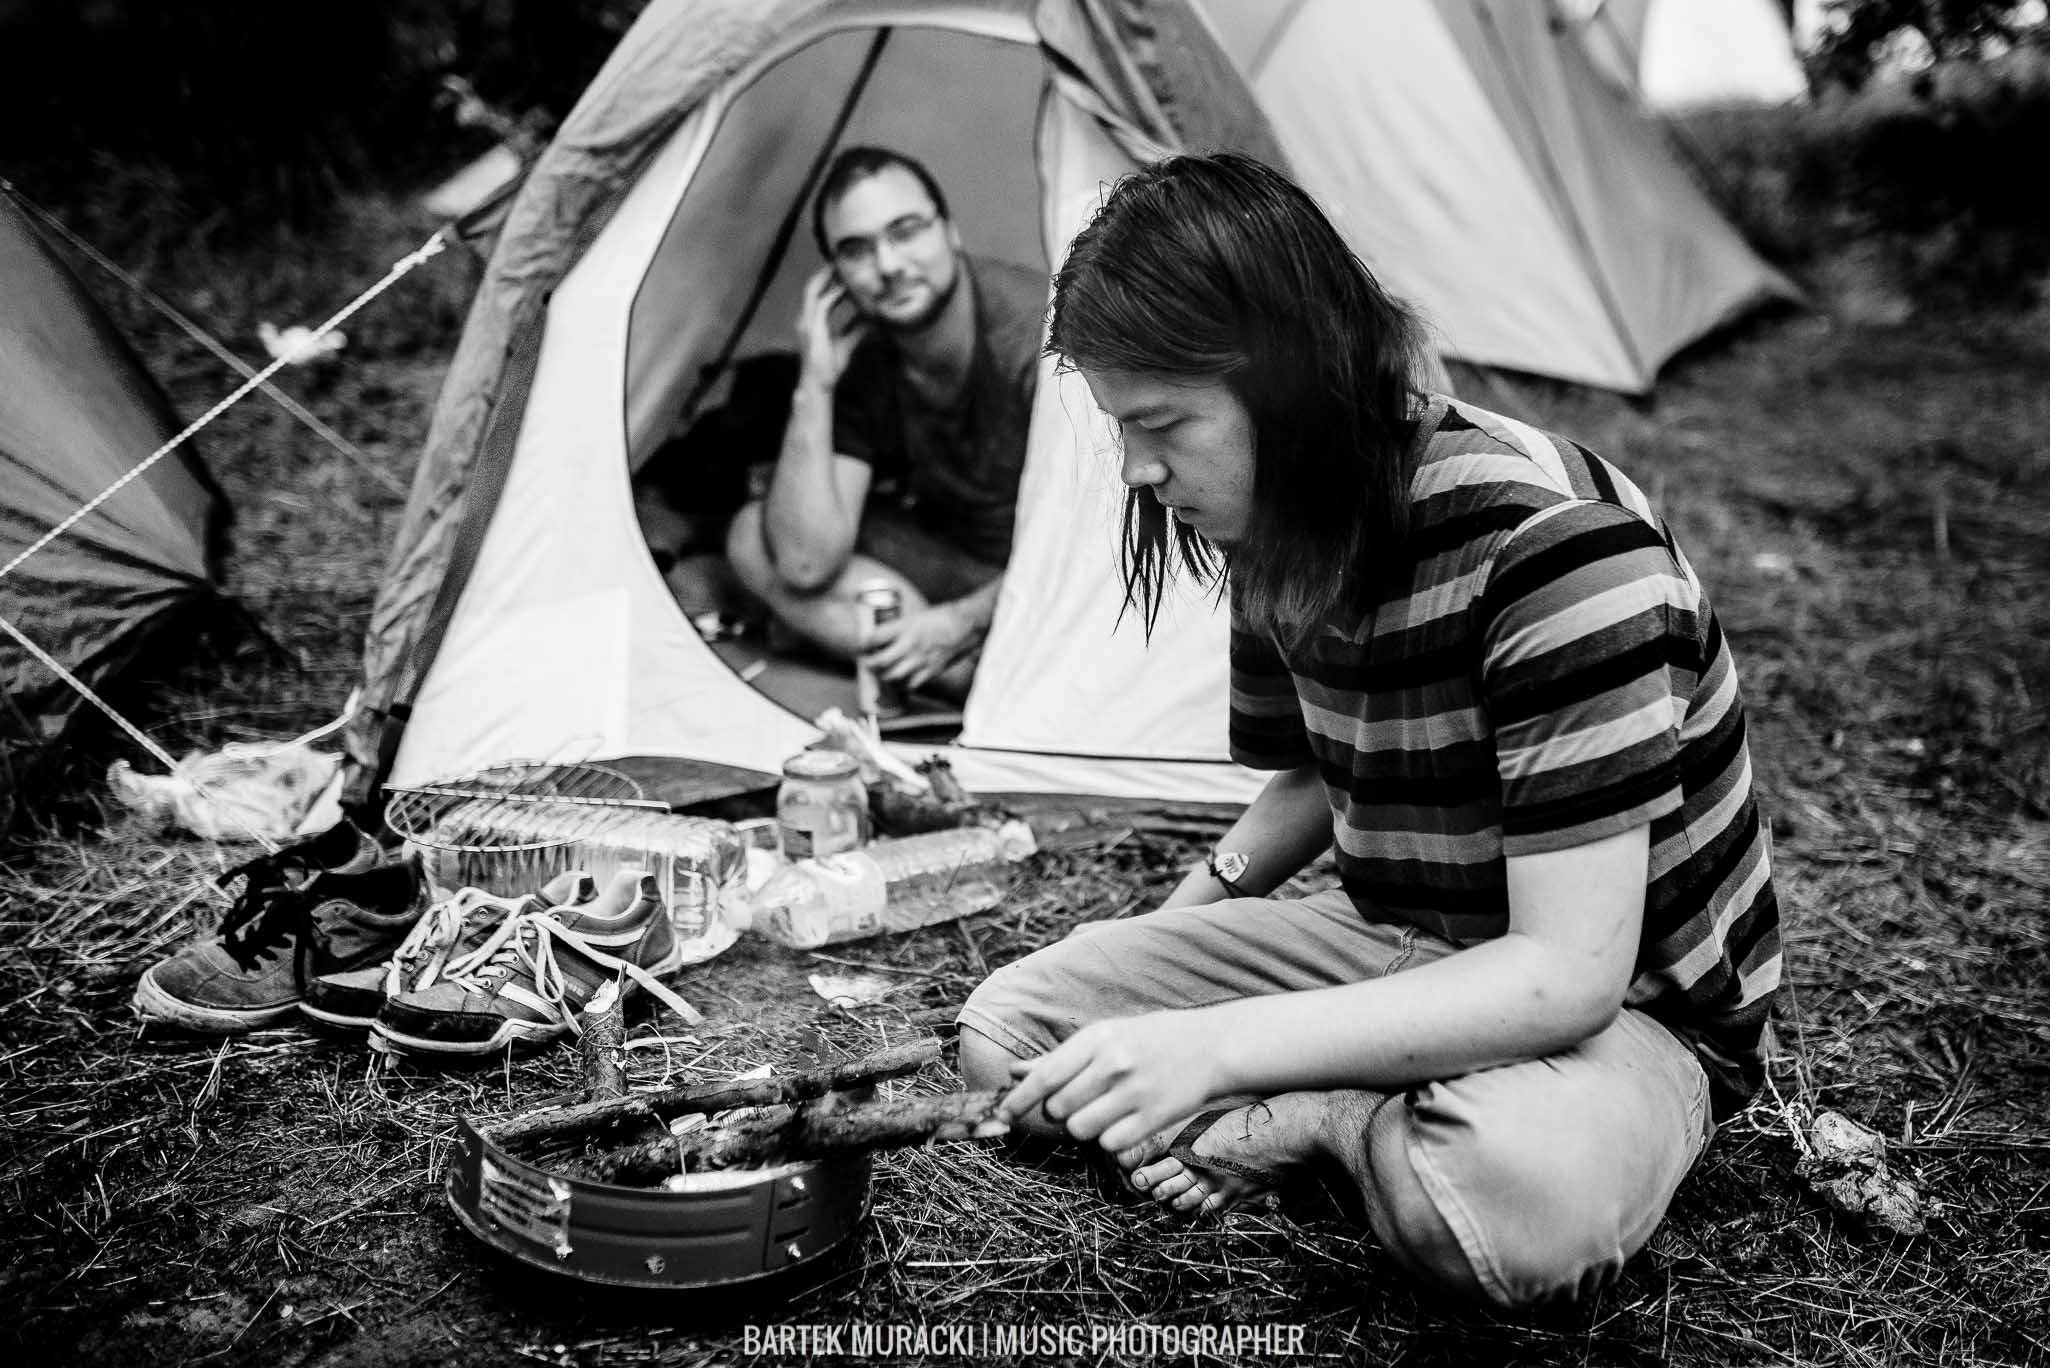 Przystanek-Woodstock-2016-WB-foto-Bartek-Muracki--079596